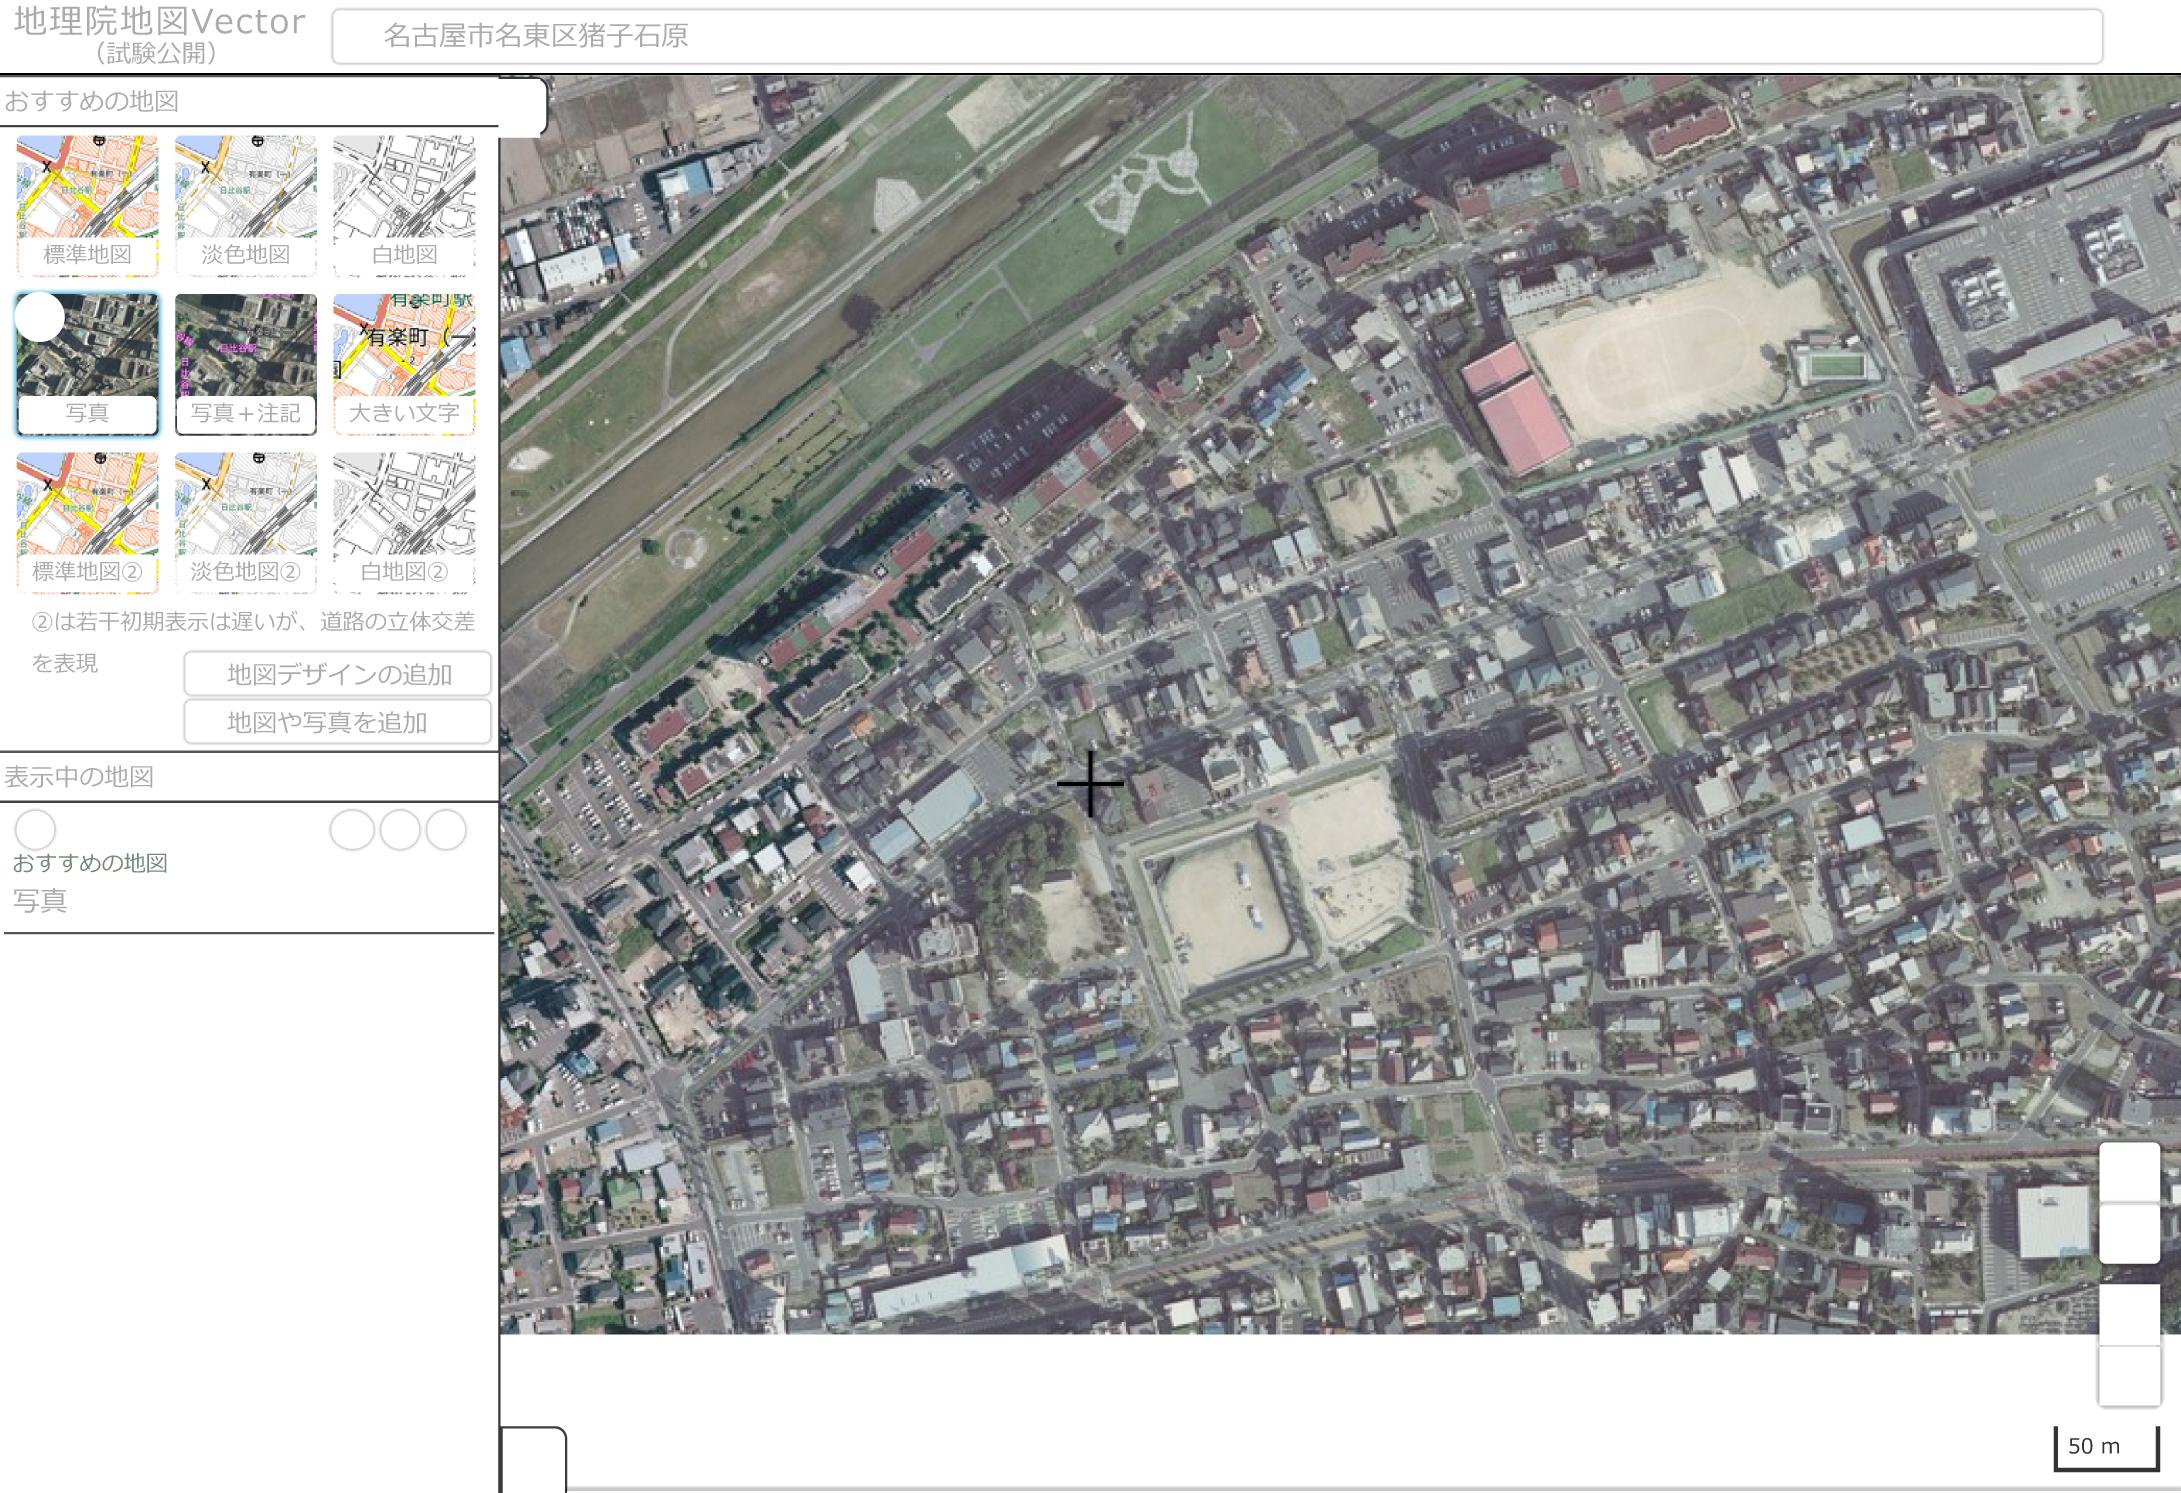 地理院地図Vector|国土地理院写真